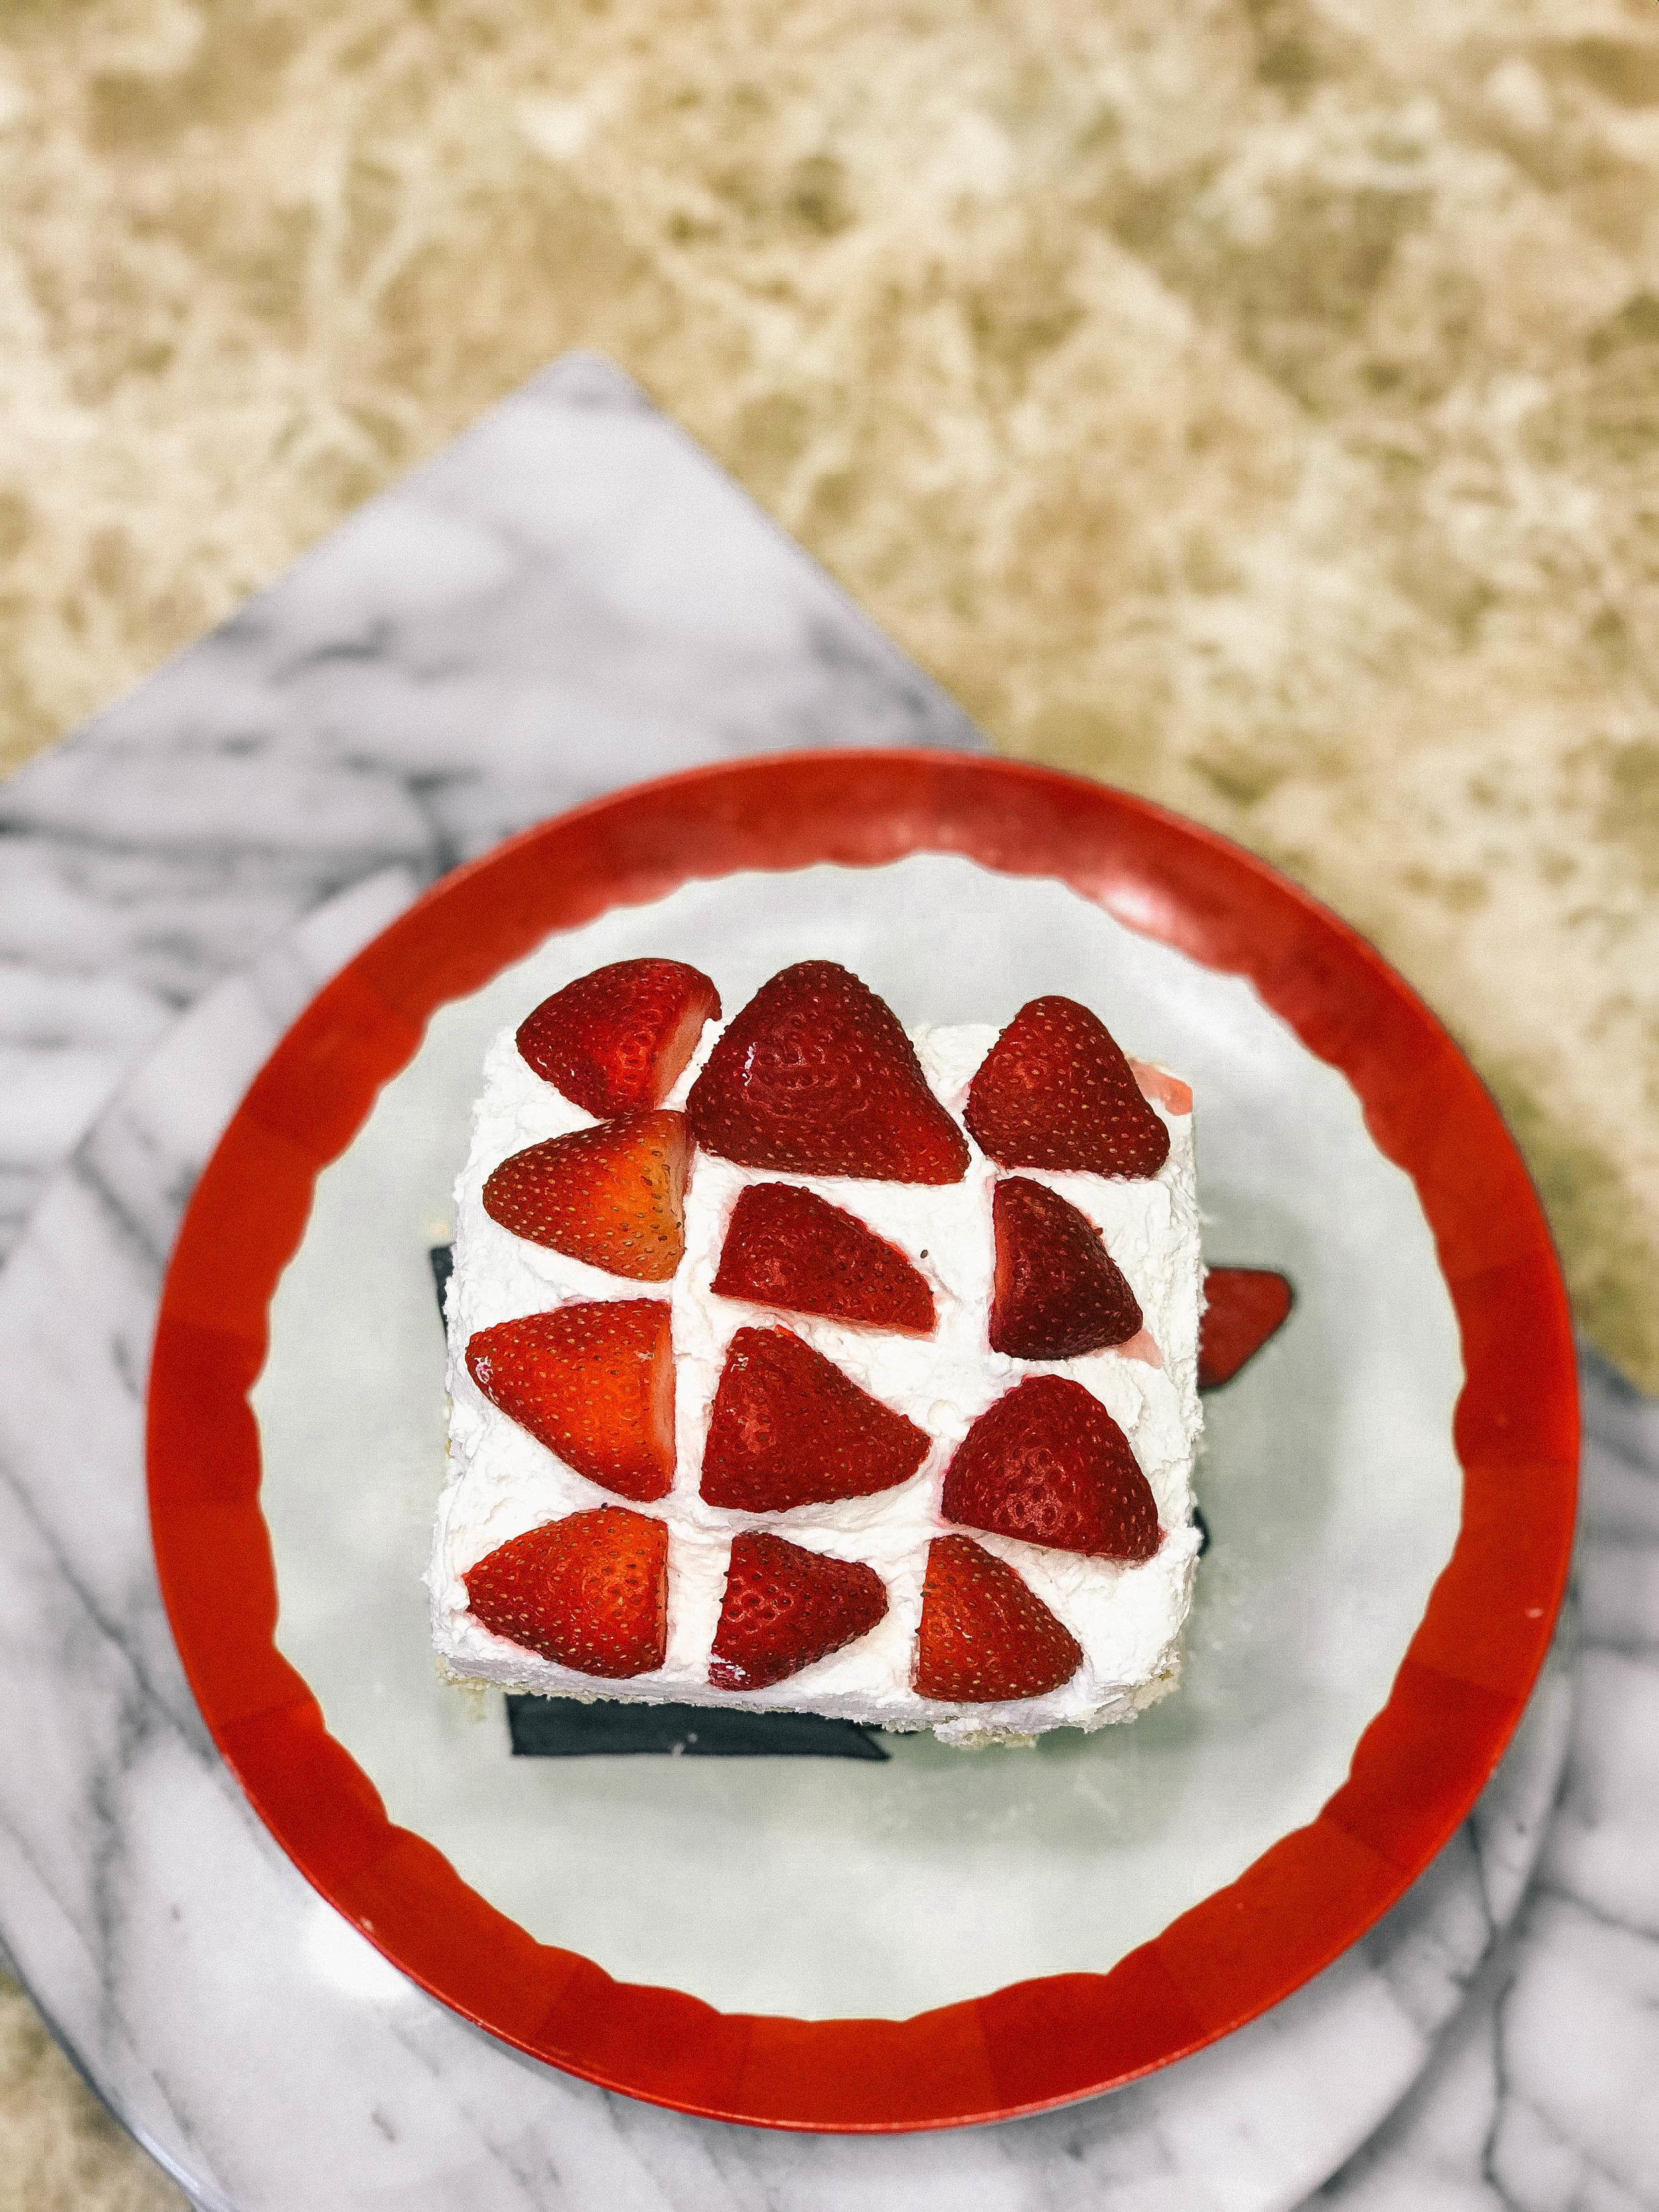 Strawberry Shortcake (7 of 8).jpg